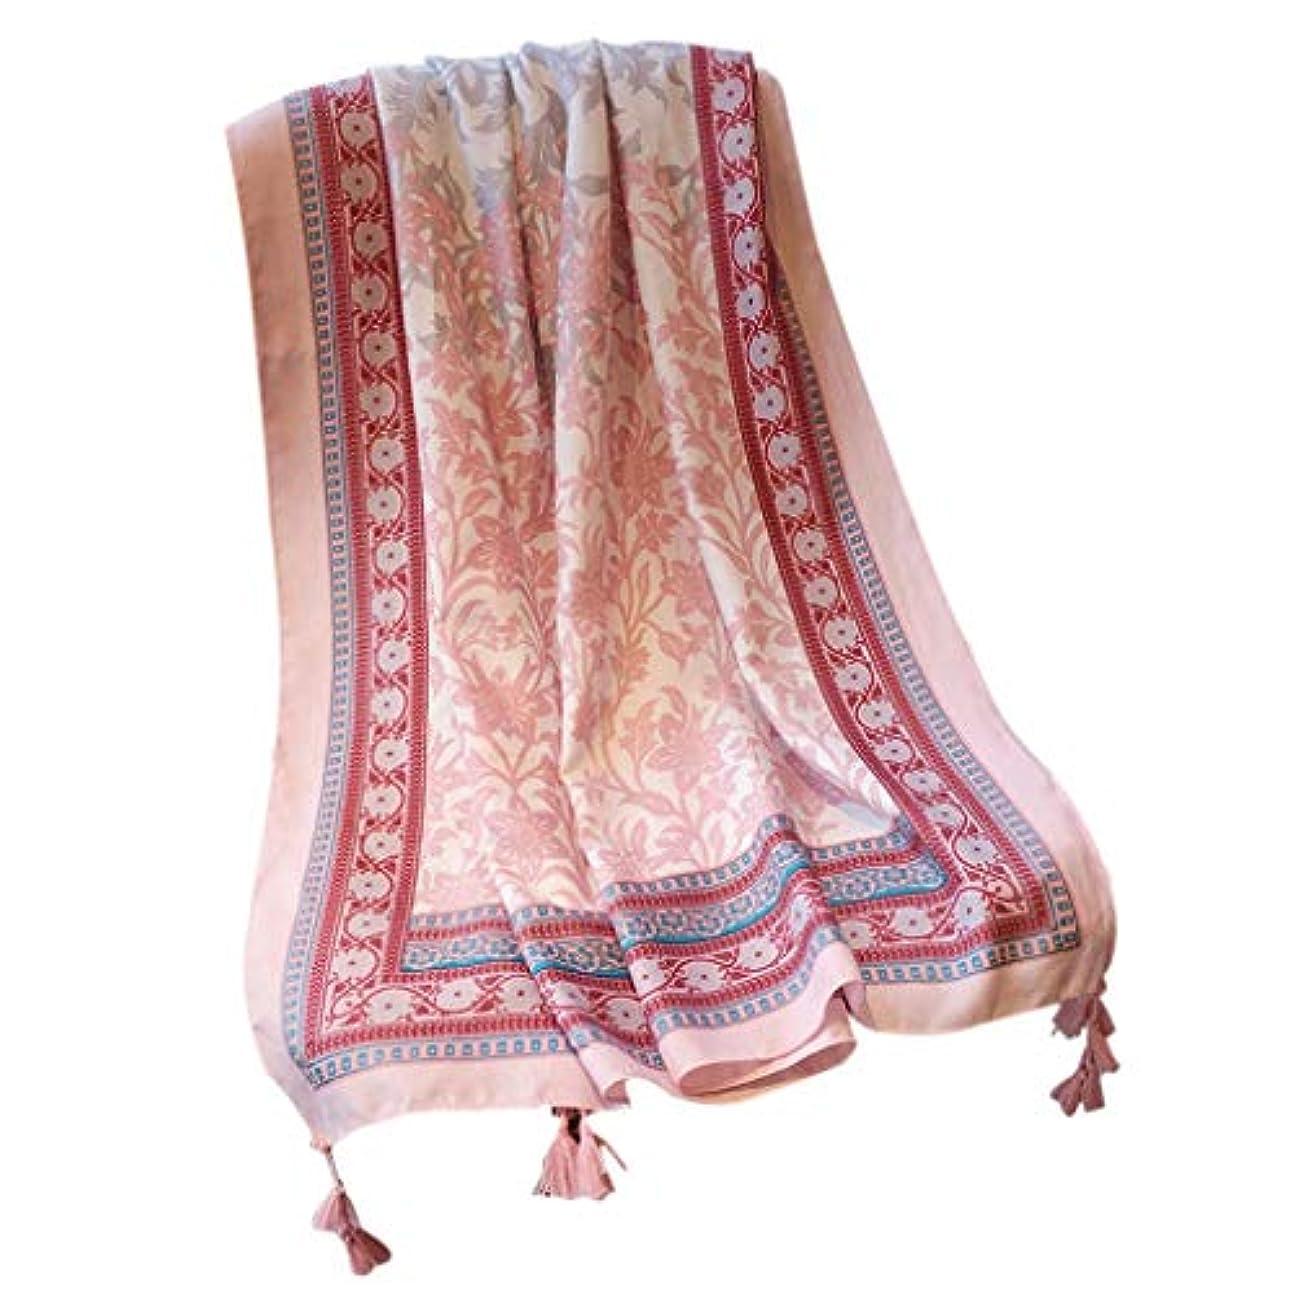 シャワーあご一杯KTYX 綿とリネンのスカーフ女性野生のピンクのトーテムの国の風のショールのショールのビーチタオルの韓国語版 スカーフ